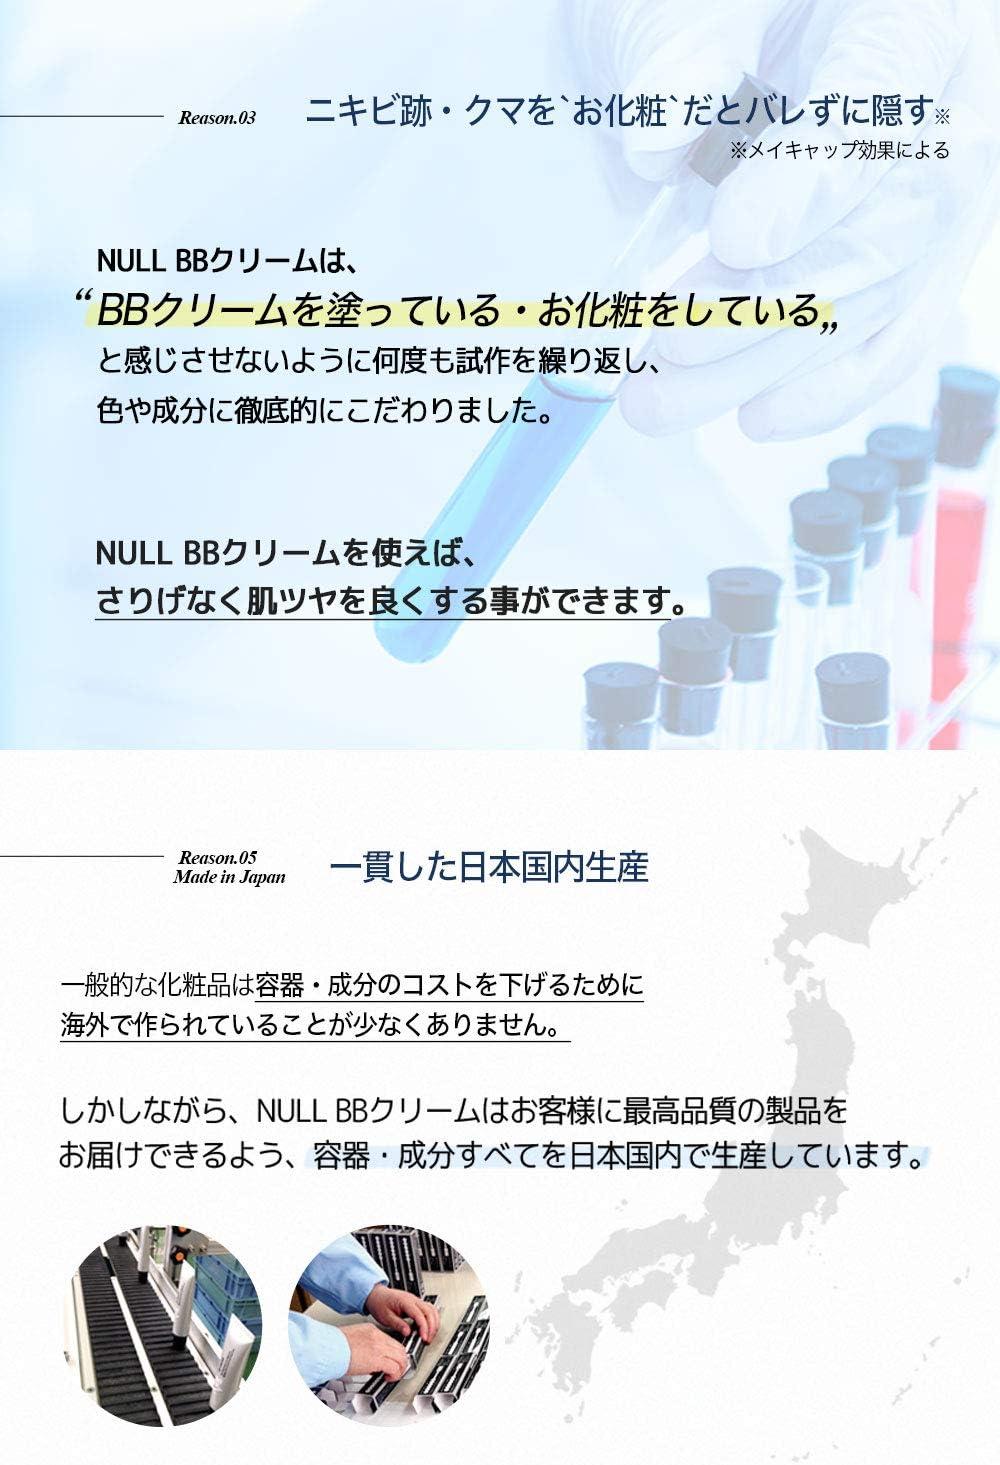 Thumbnail of NULL BBクリーム メンズ コンシーラー ファンデーション 20g SPF304$